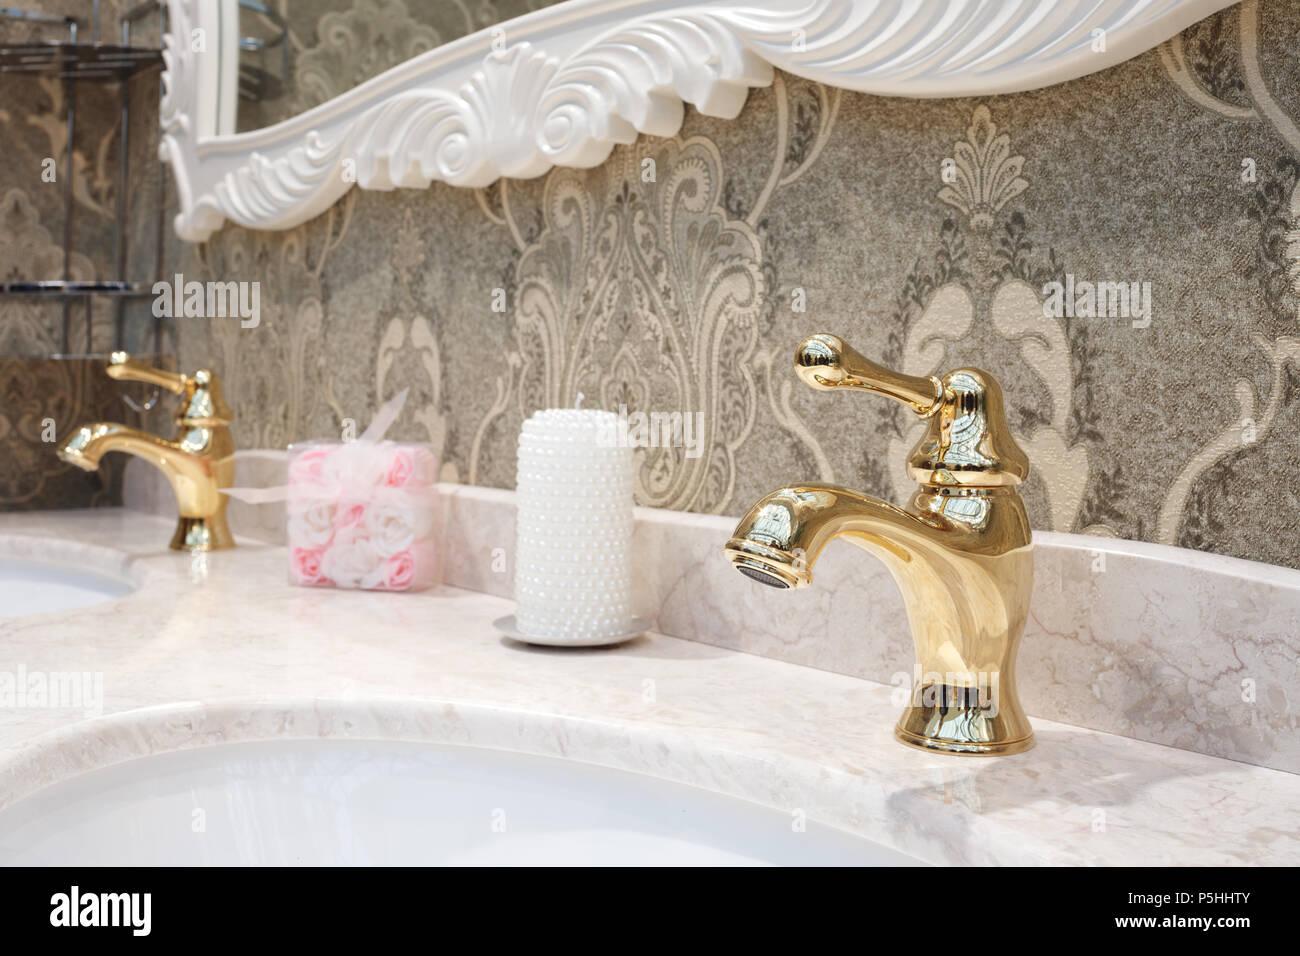 Badezimmer mit Waschbecken und klassischen nterior Classic retro ...